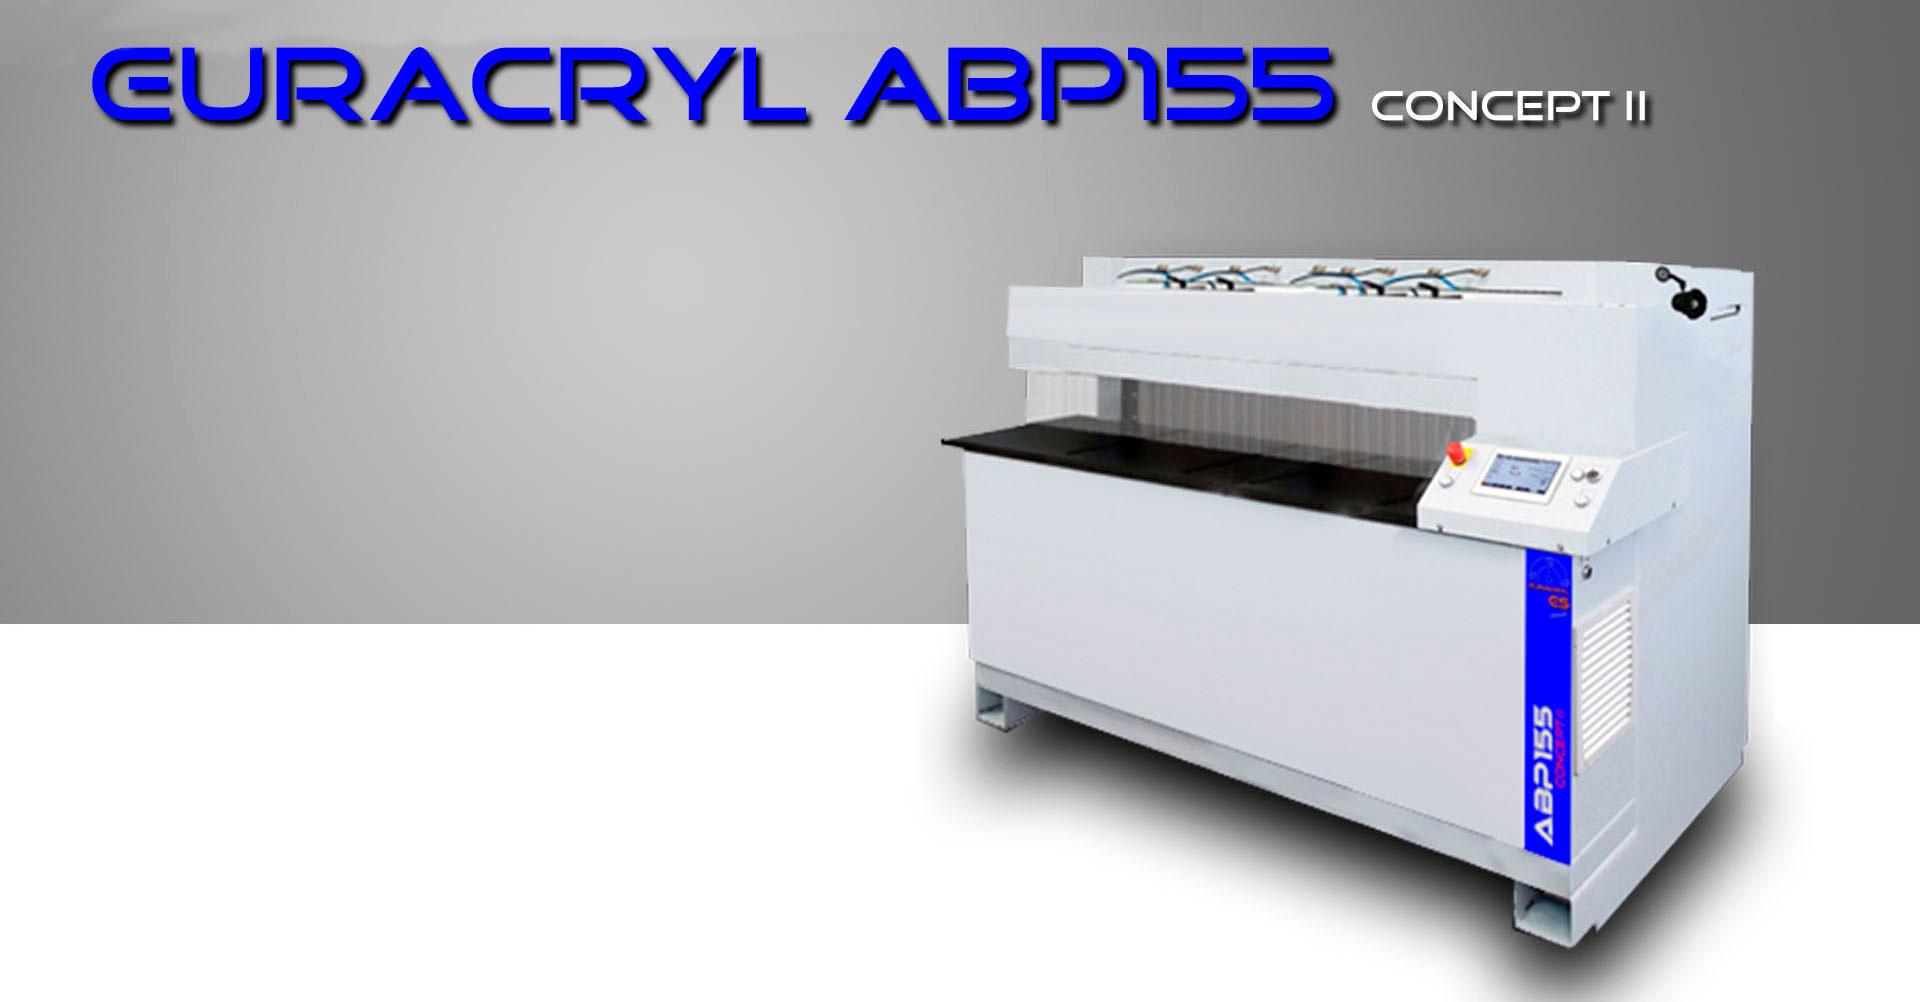 abp 155 Cconcept II - AURACRYL poliermaschine